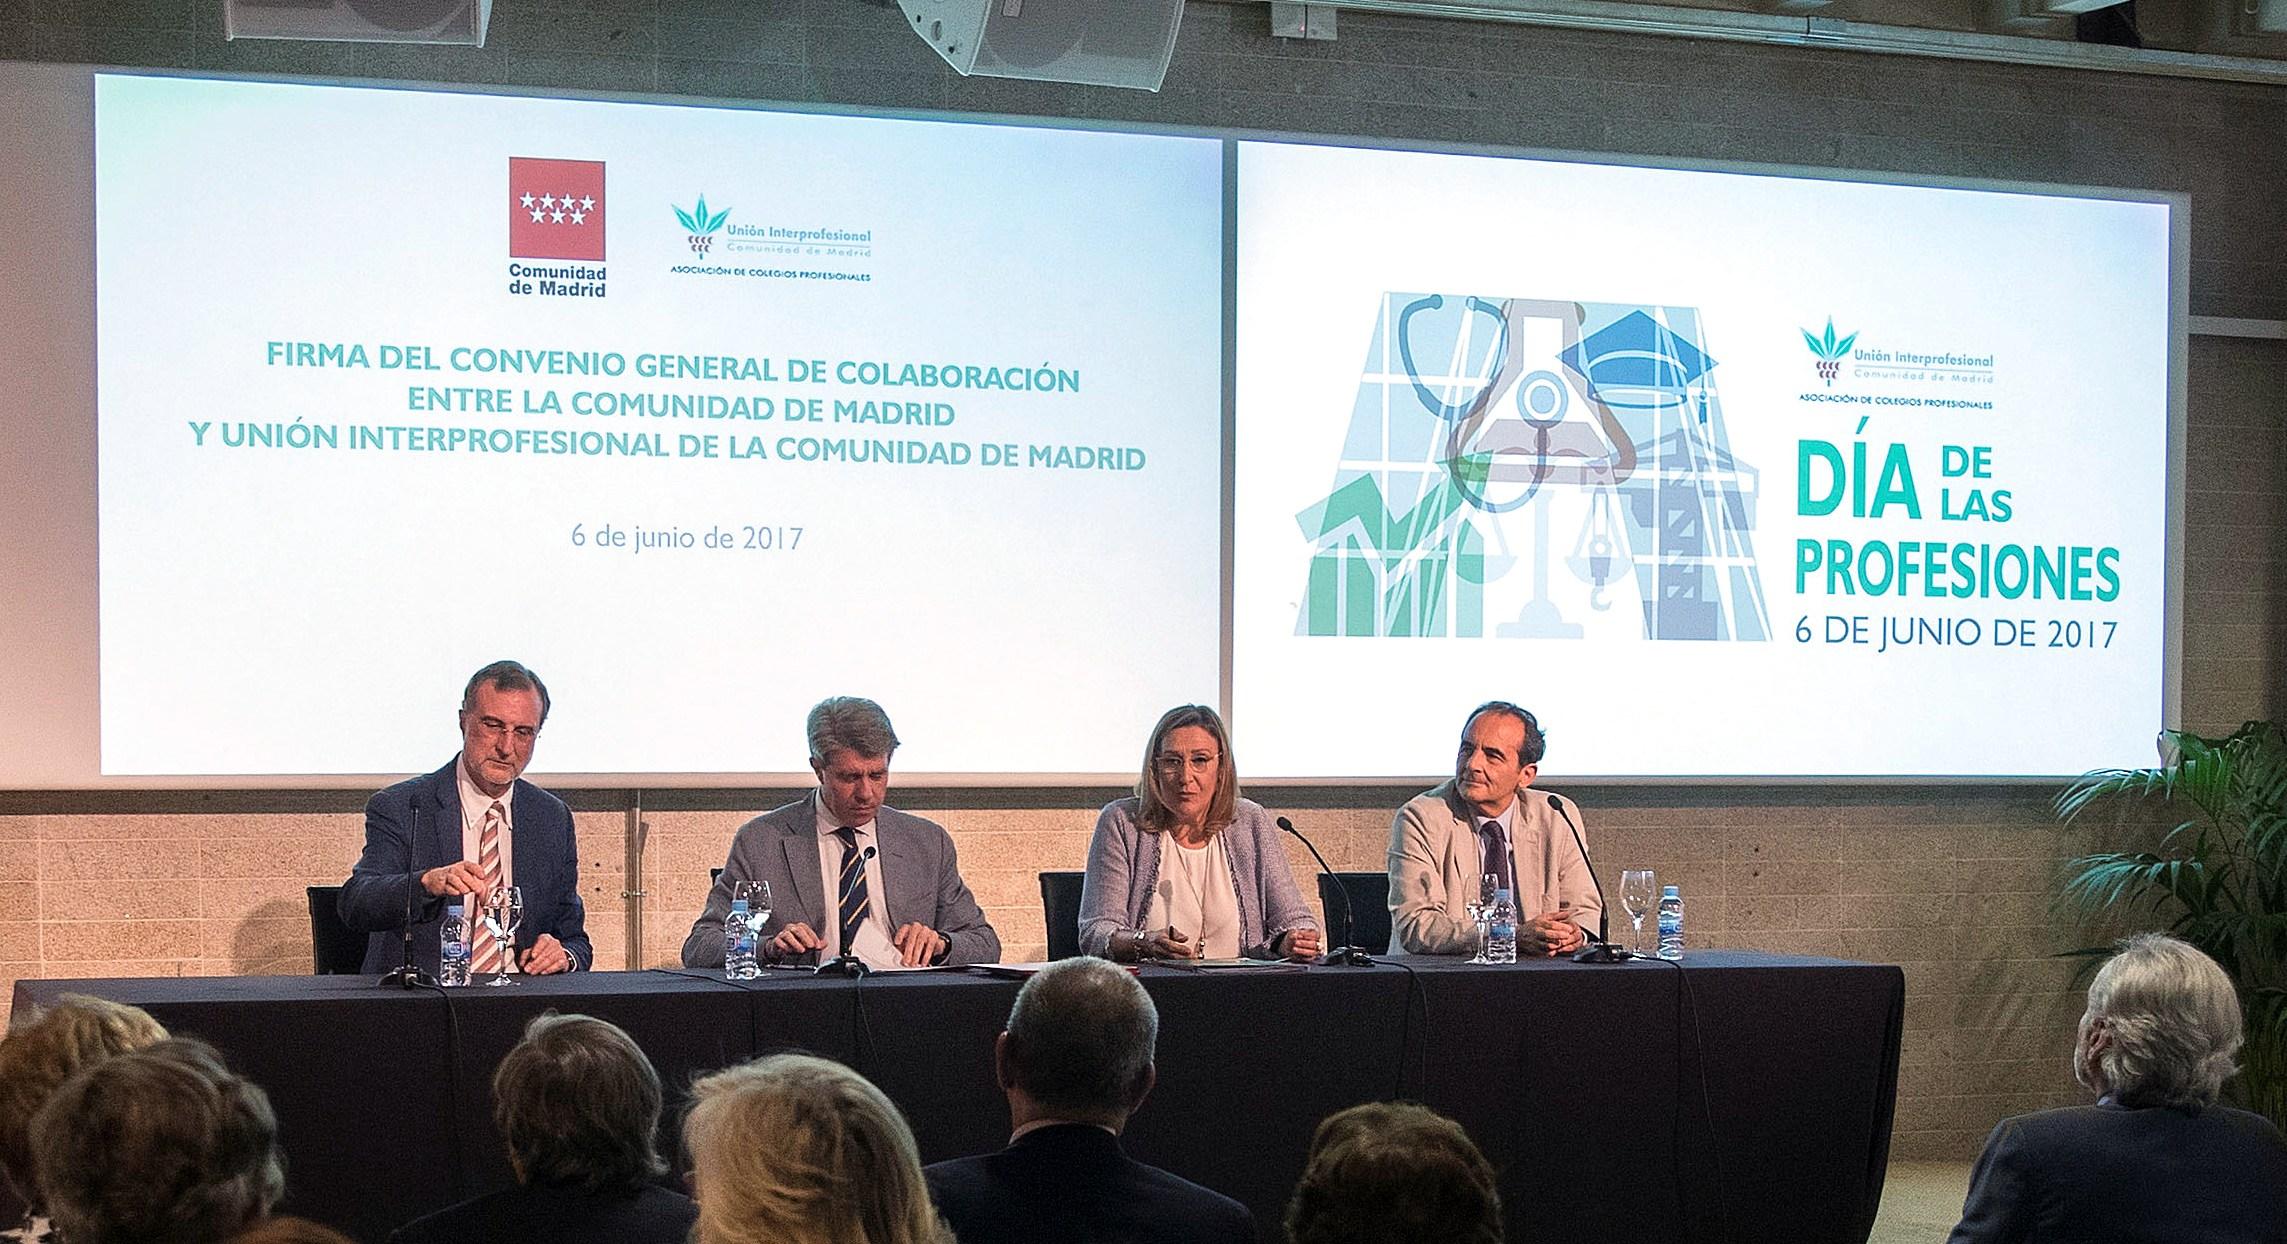 Ngel garrido consejero de presidencia de madrid for Sede de la presidencia de la comunidad de madrid